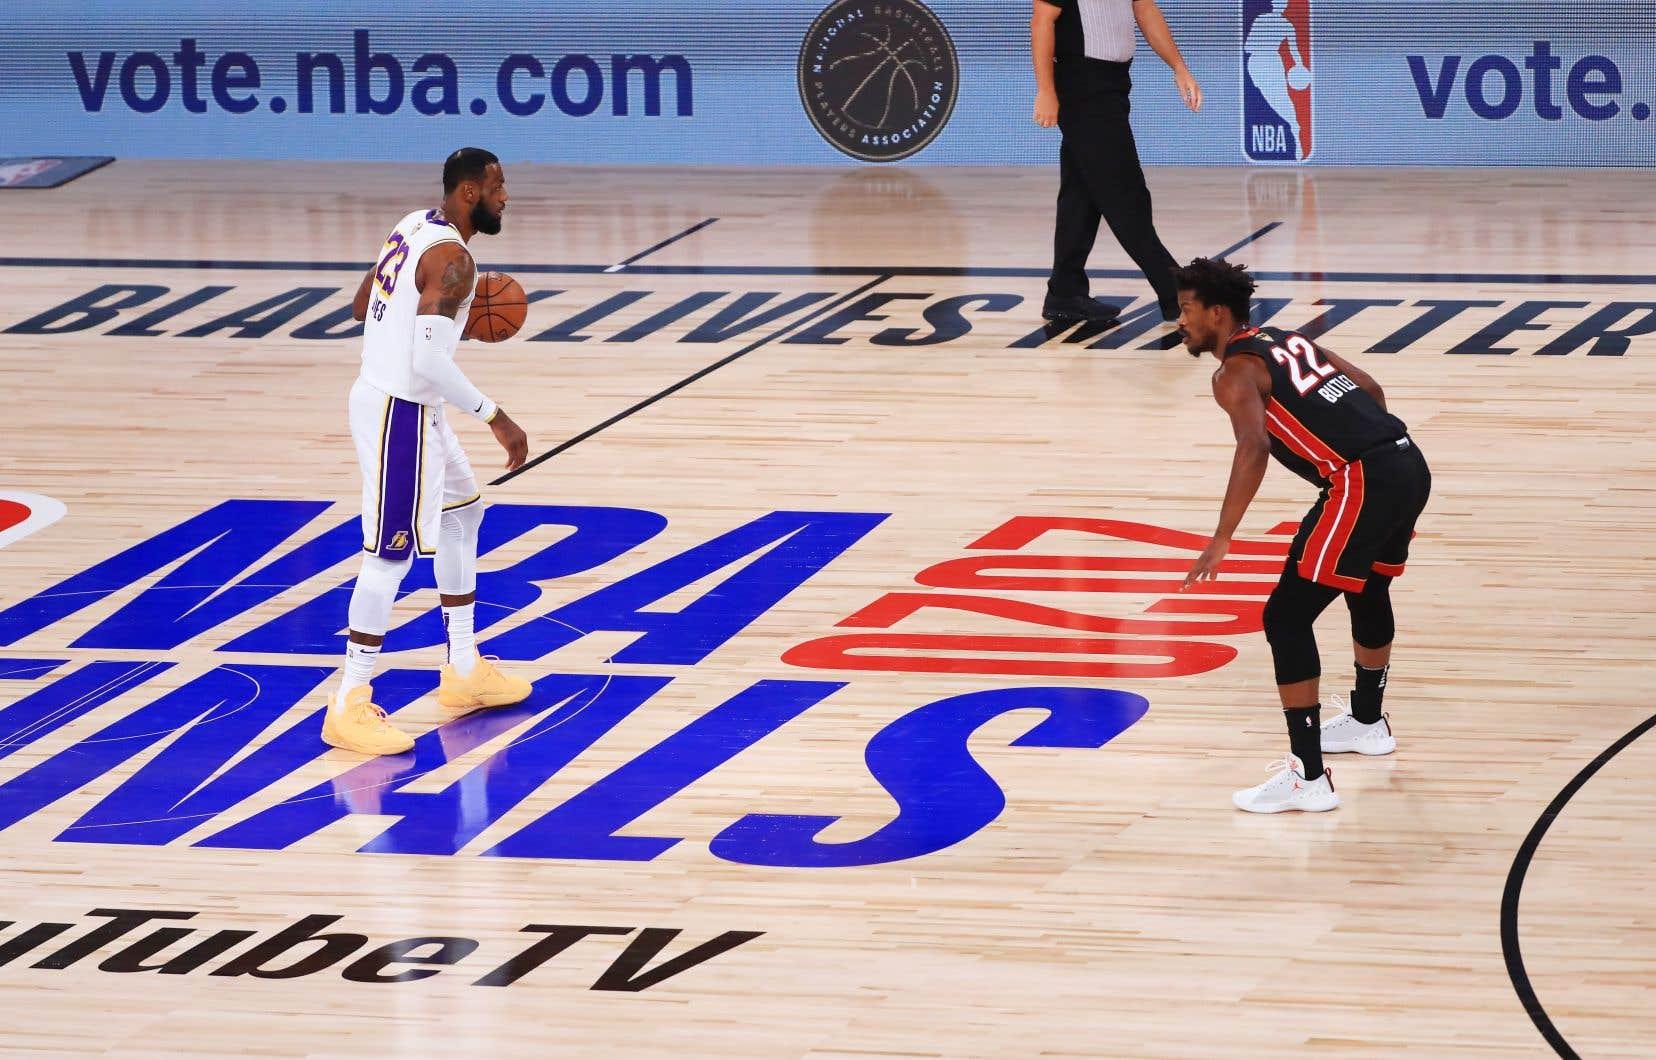 Les finalistes de la saison passée, les Lakers et le Heat, ont joué jusqu'à la mi-octobre. Sur cette photo, les vedettes des deux équipes: Lebron James et Jimmy Butler.